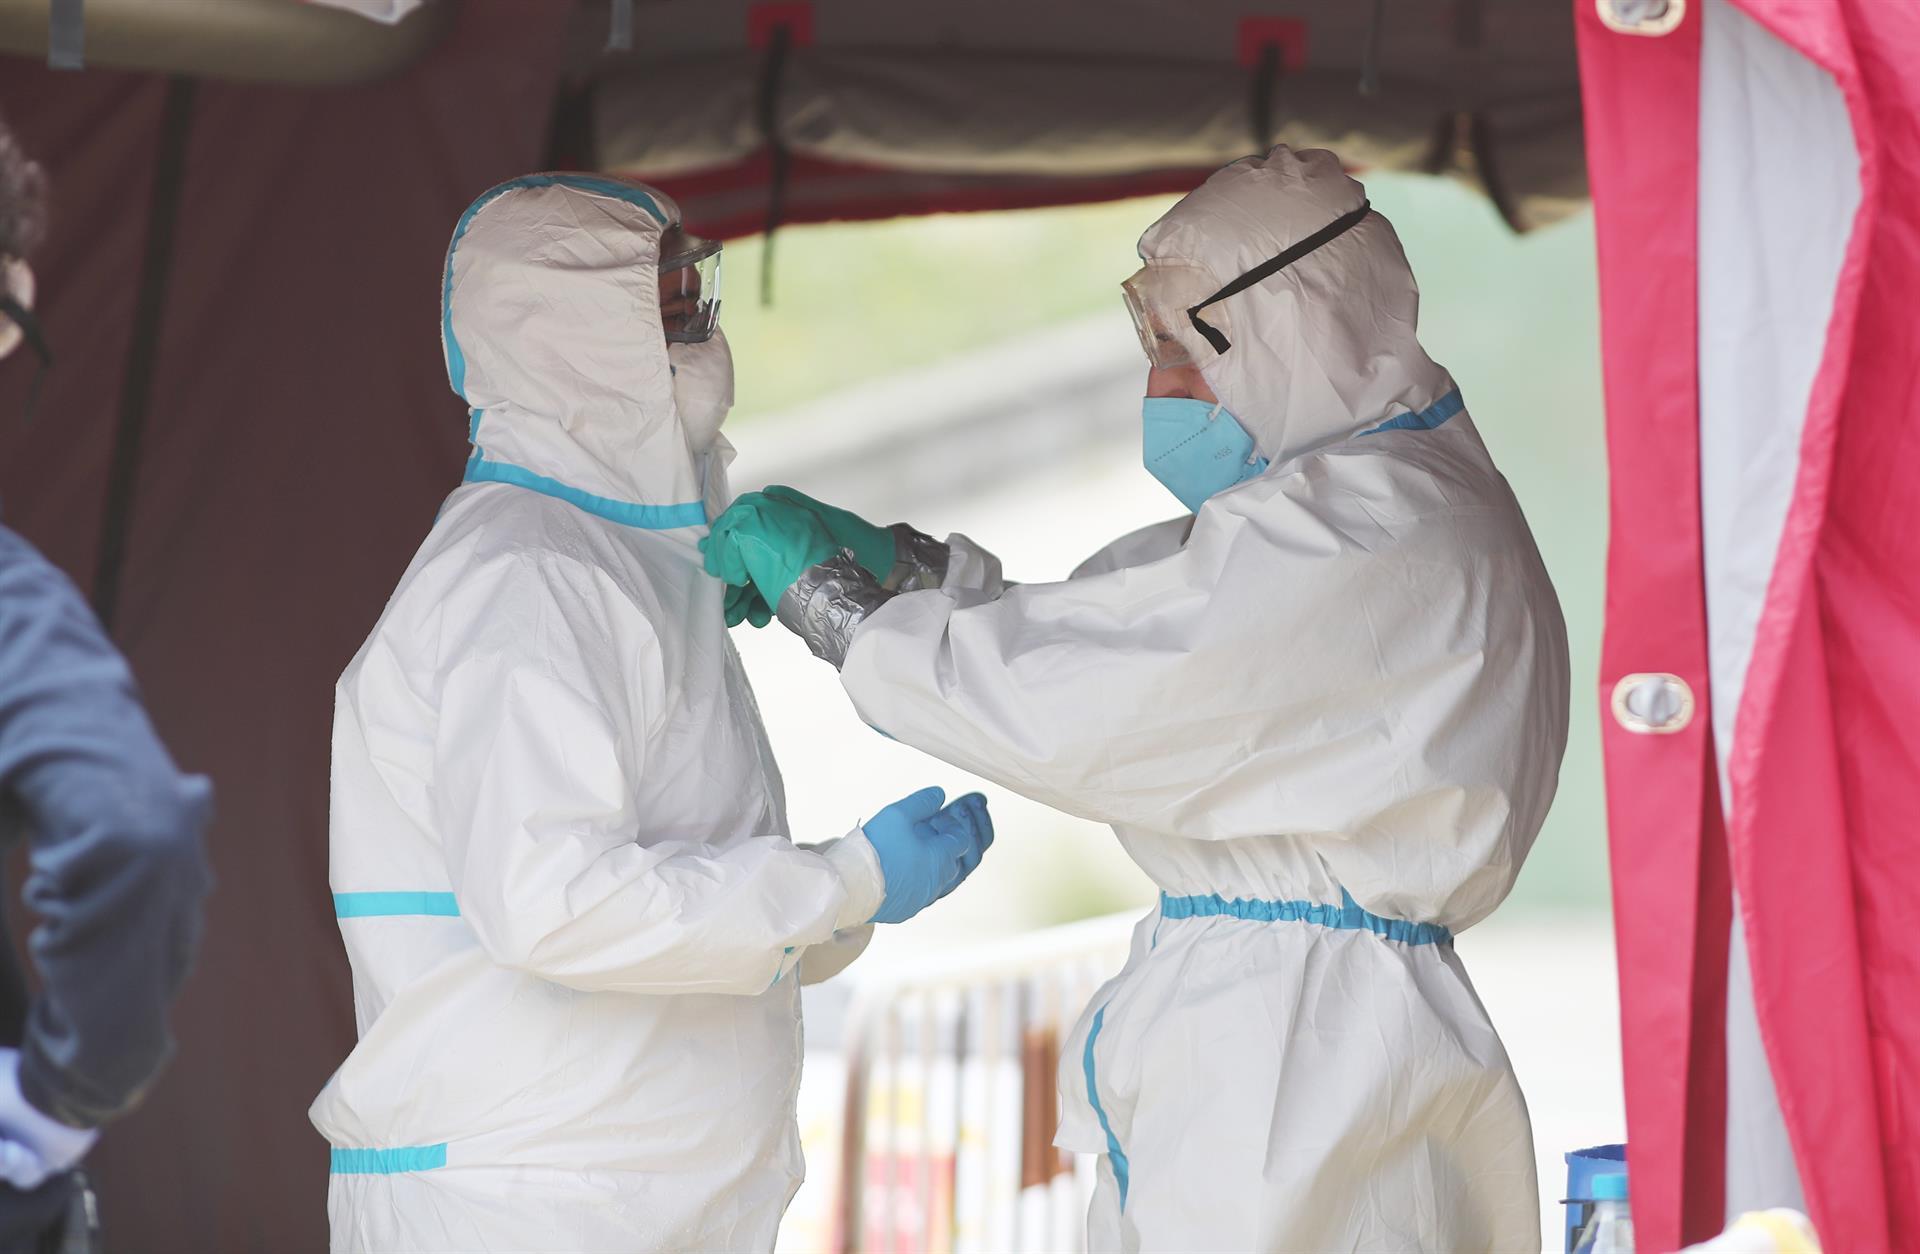 sanitarios con equipos de protección frente a la Covid-19. – Eduardo Parra – Europa Press – Archivo